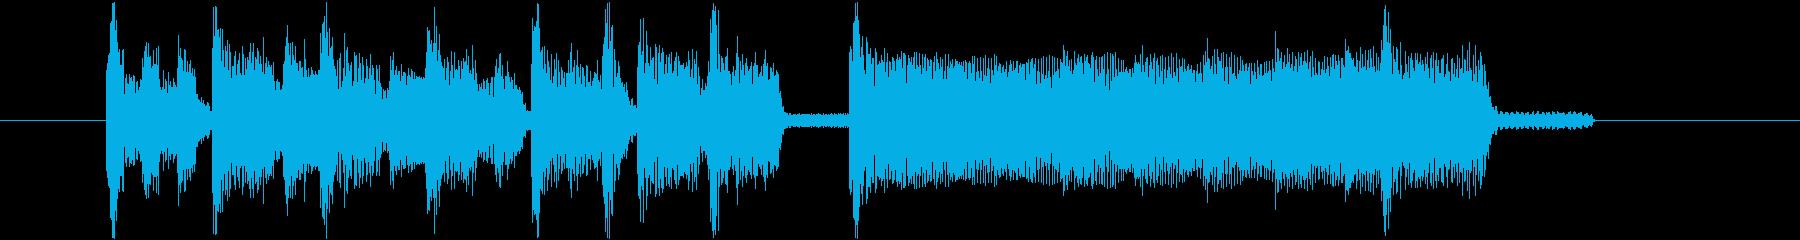 レトロゲーム風のゴキゲンなジングル!の再生済みの波形